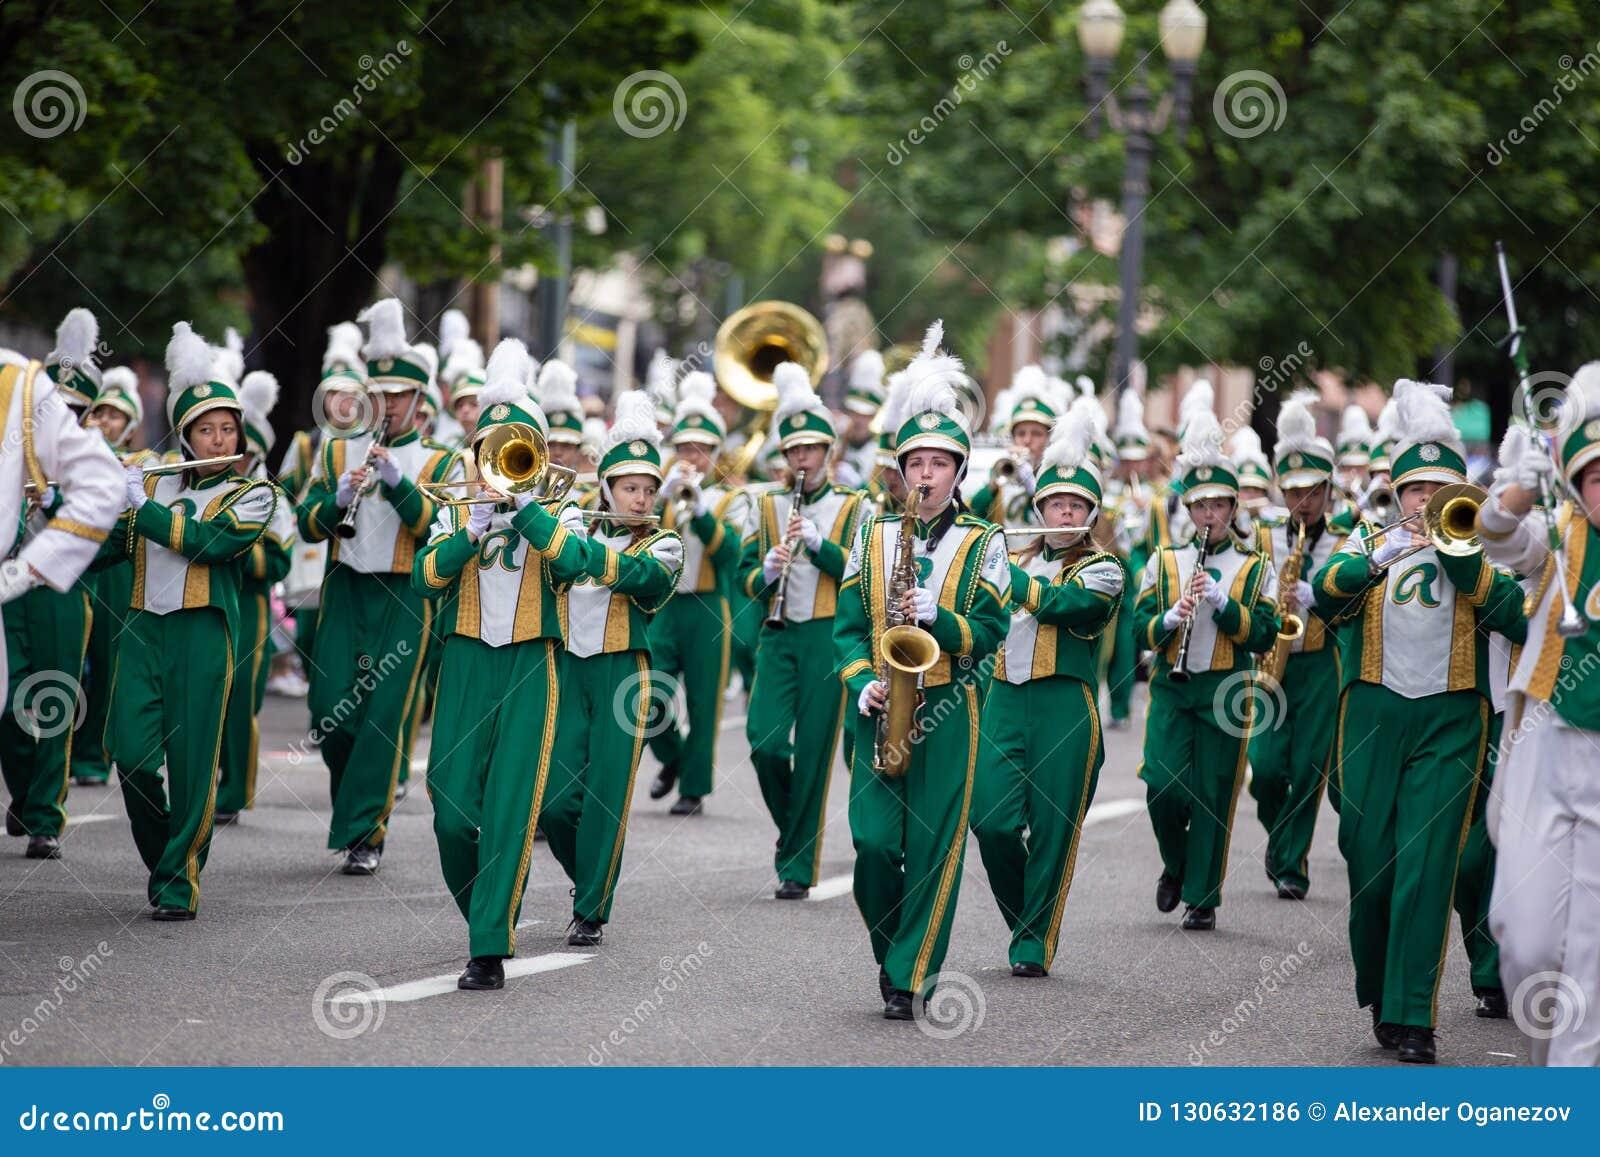 Flöjt- och trumpetspelare på storslaget blom- ståtar